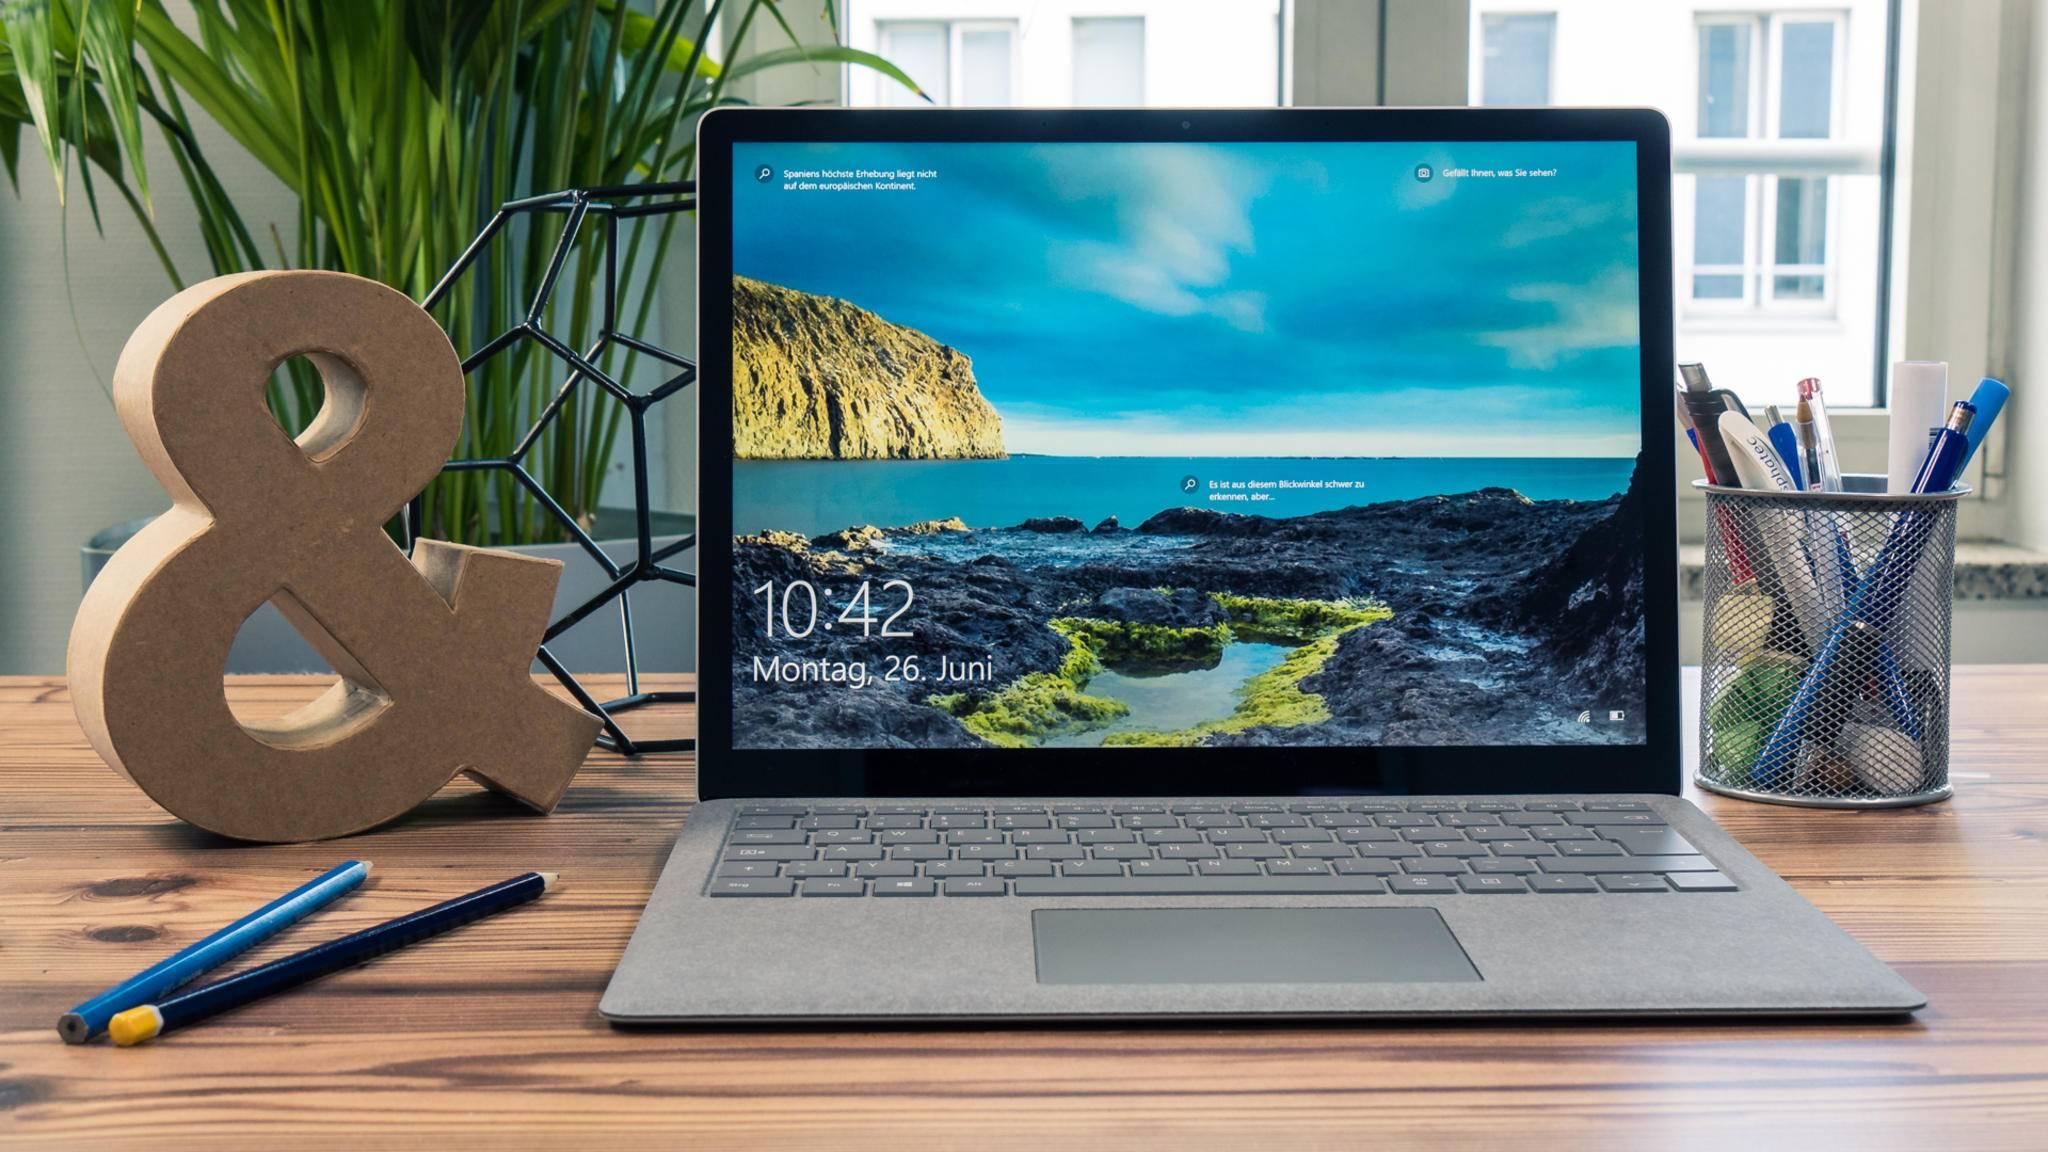 Wir verraten Dir, wie Du ein Microsoft-Konto löschen kannst.